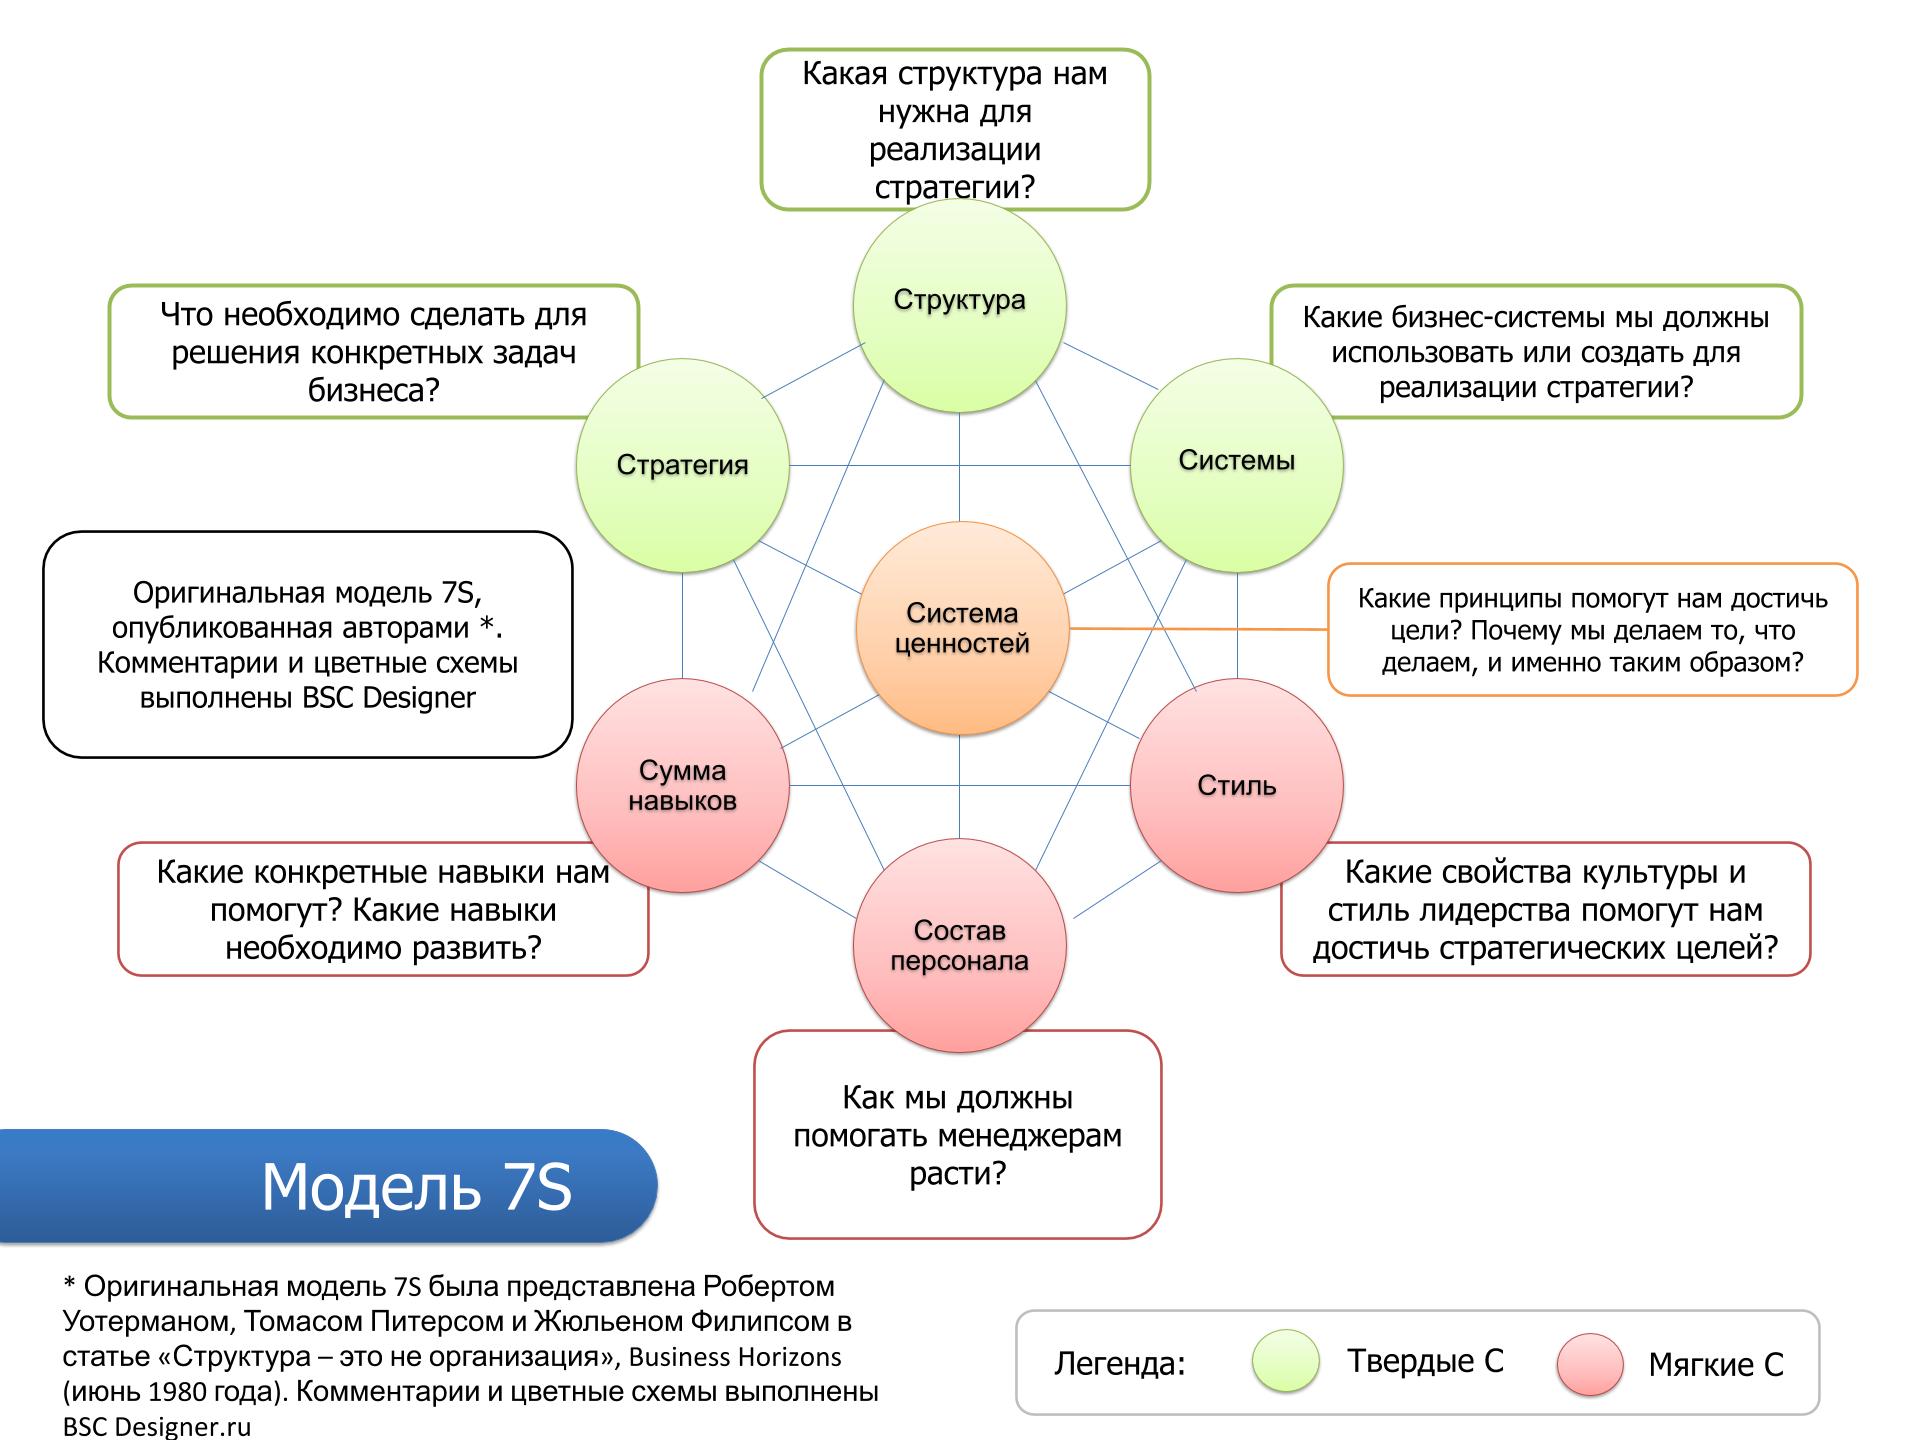 Анализ модели 7S на сайте BSC Designer.ru